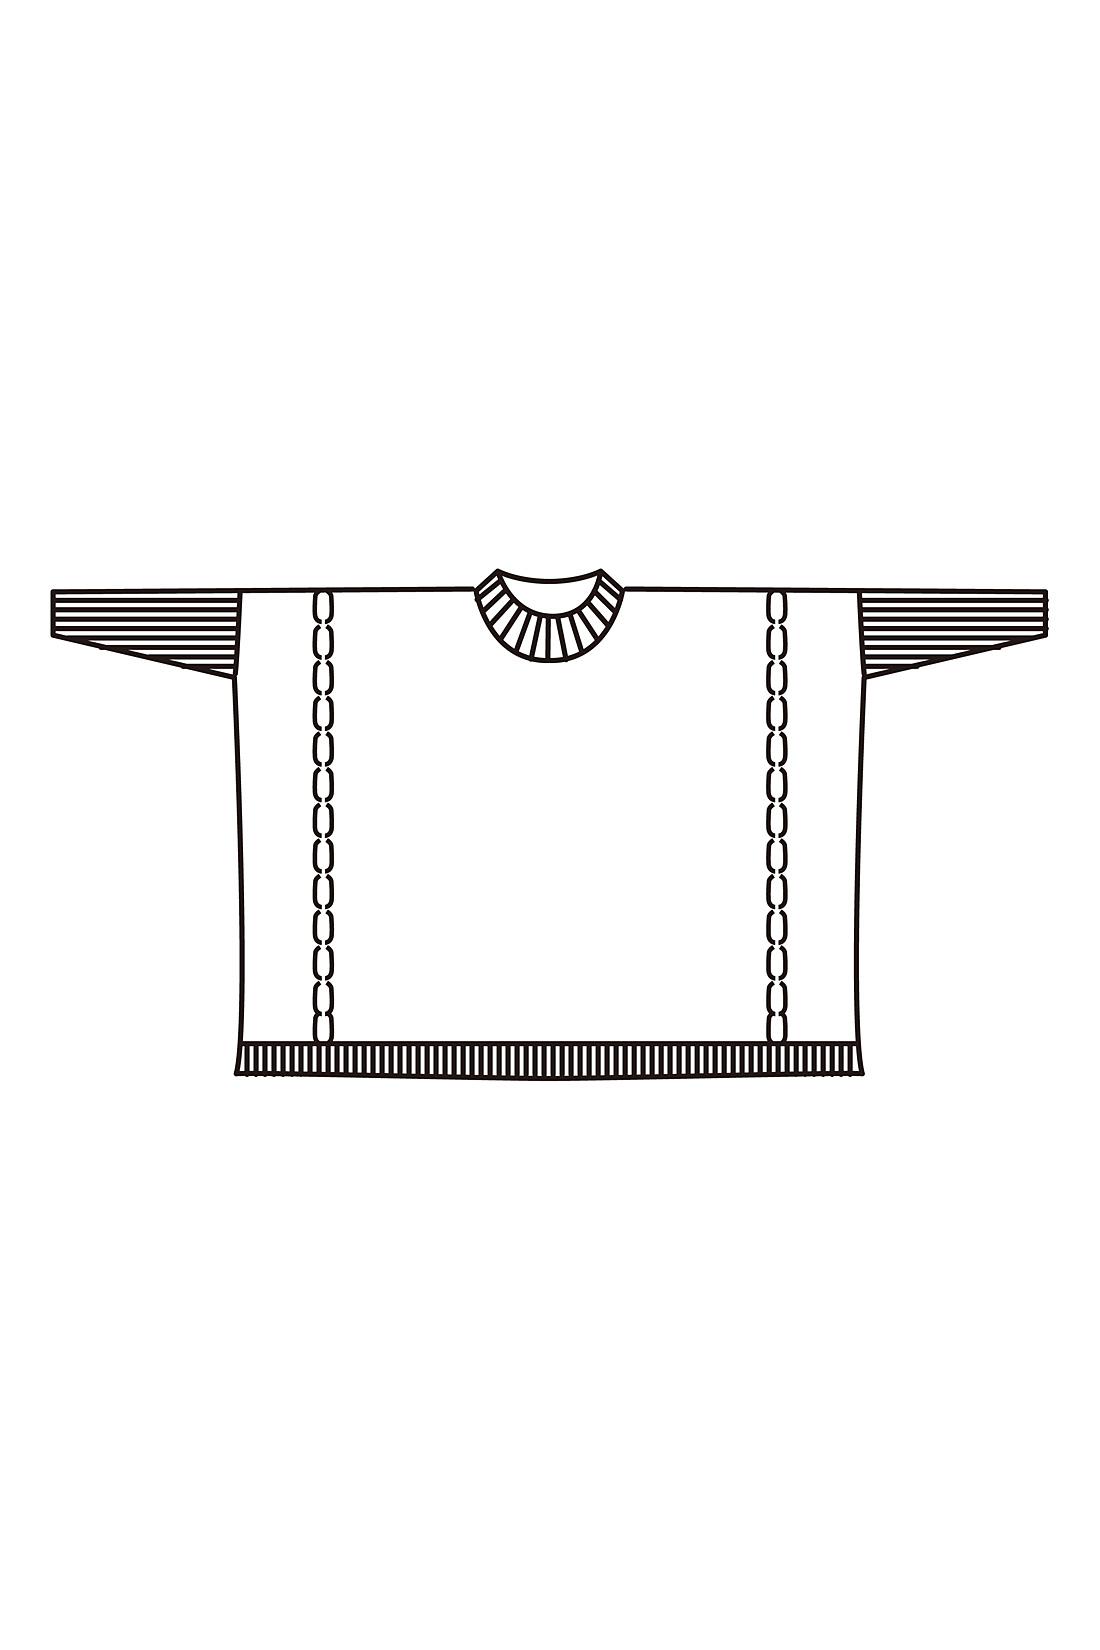 たっぷりしたシルエットがニュアンスのある動きを演出。細身のリブ袖なので膨張せず印象すっきり。